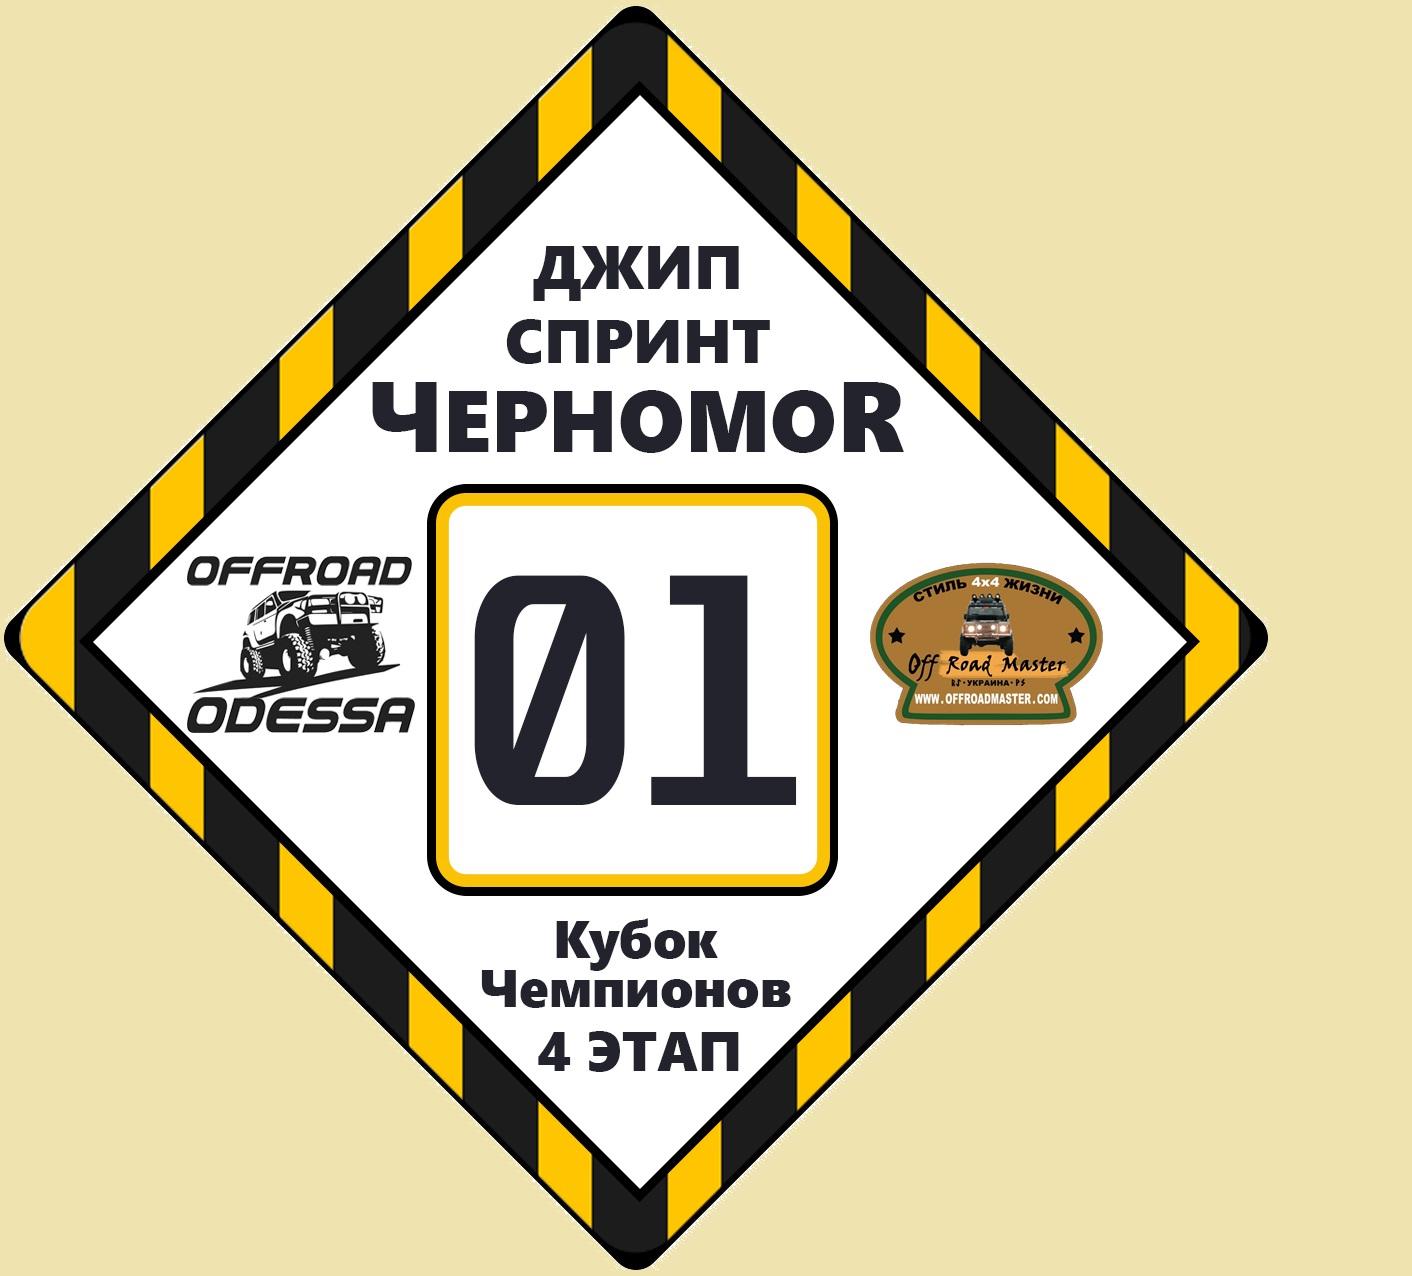 Видео от 12-13 мая джип -спринт «Черномор 2018»